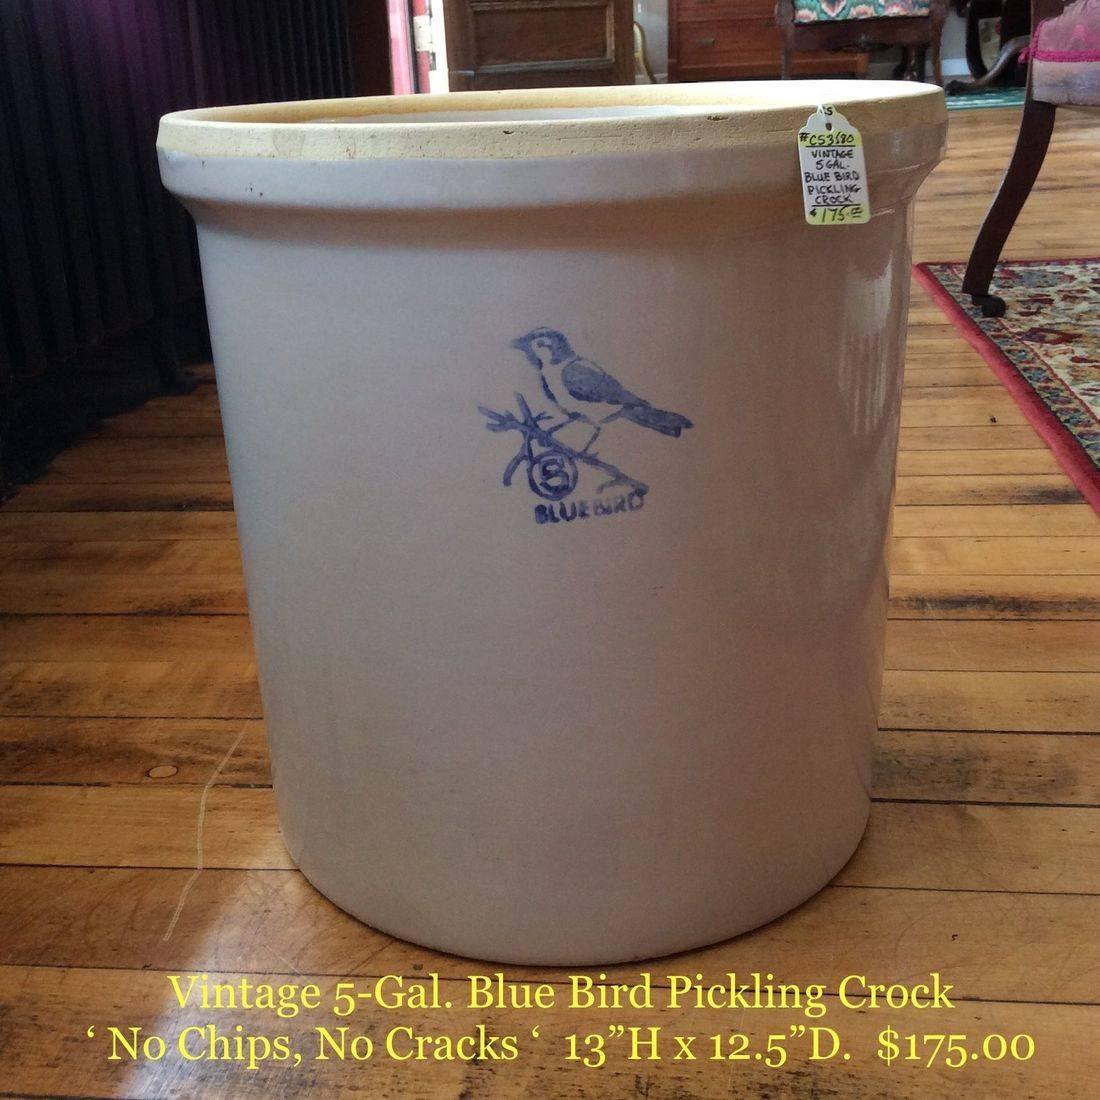 Vintage 5 Gal. Blue Bird Pickling Crock - No chips, No cracks - $175.00